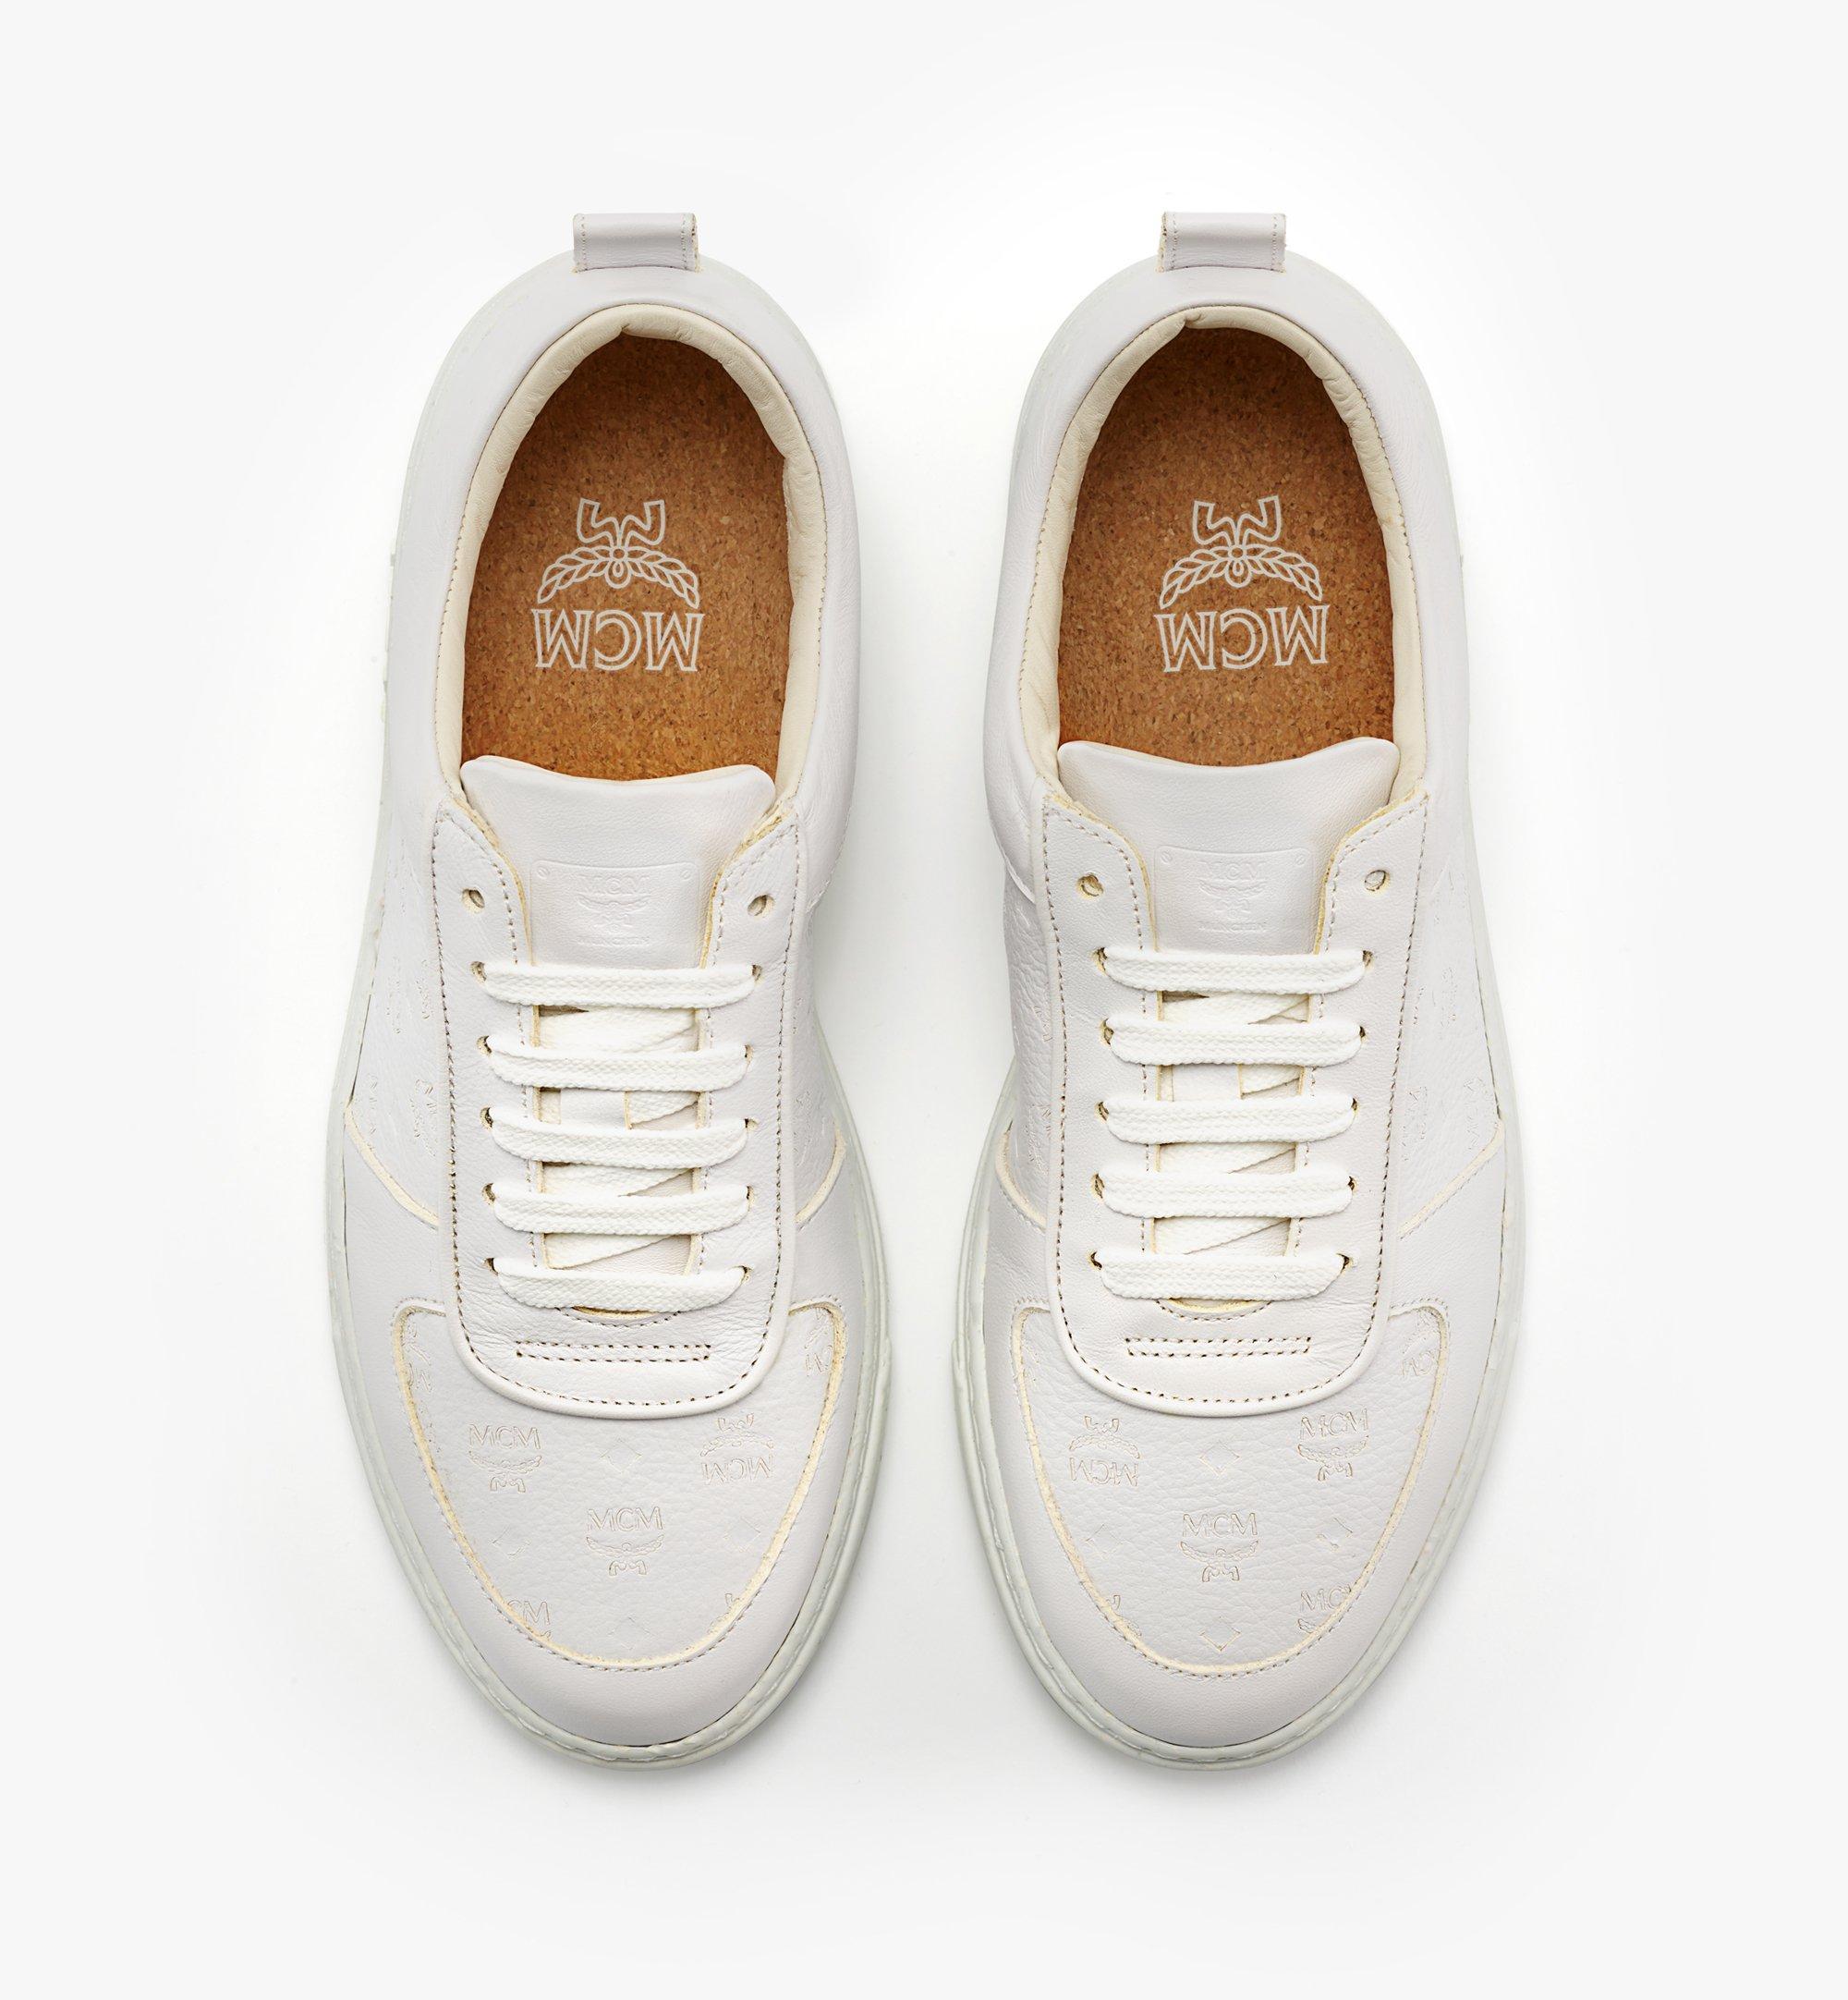 MCM 女士Terrain经典花纹皮革环保低帮运动鞋 White MESBSMM09WT035 更多视角 4